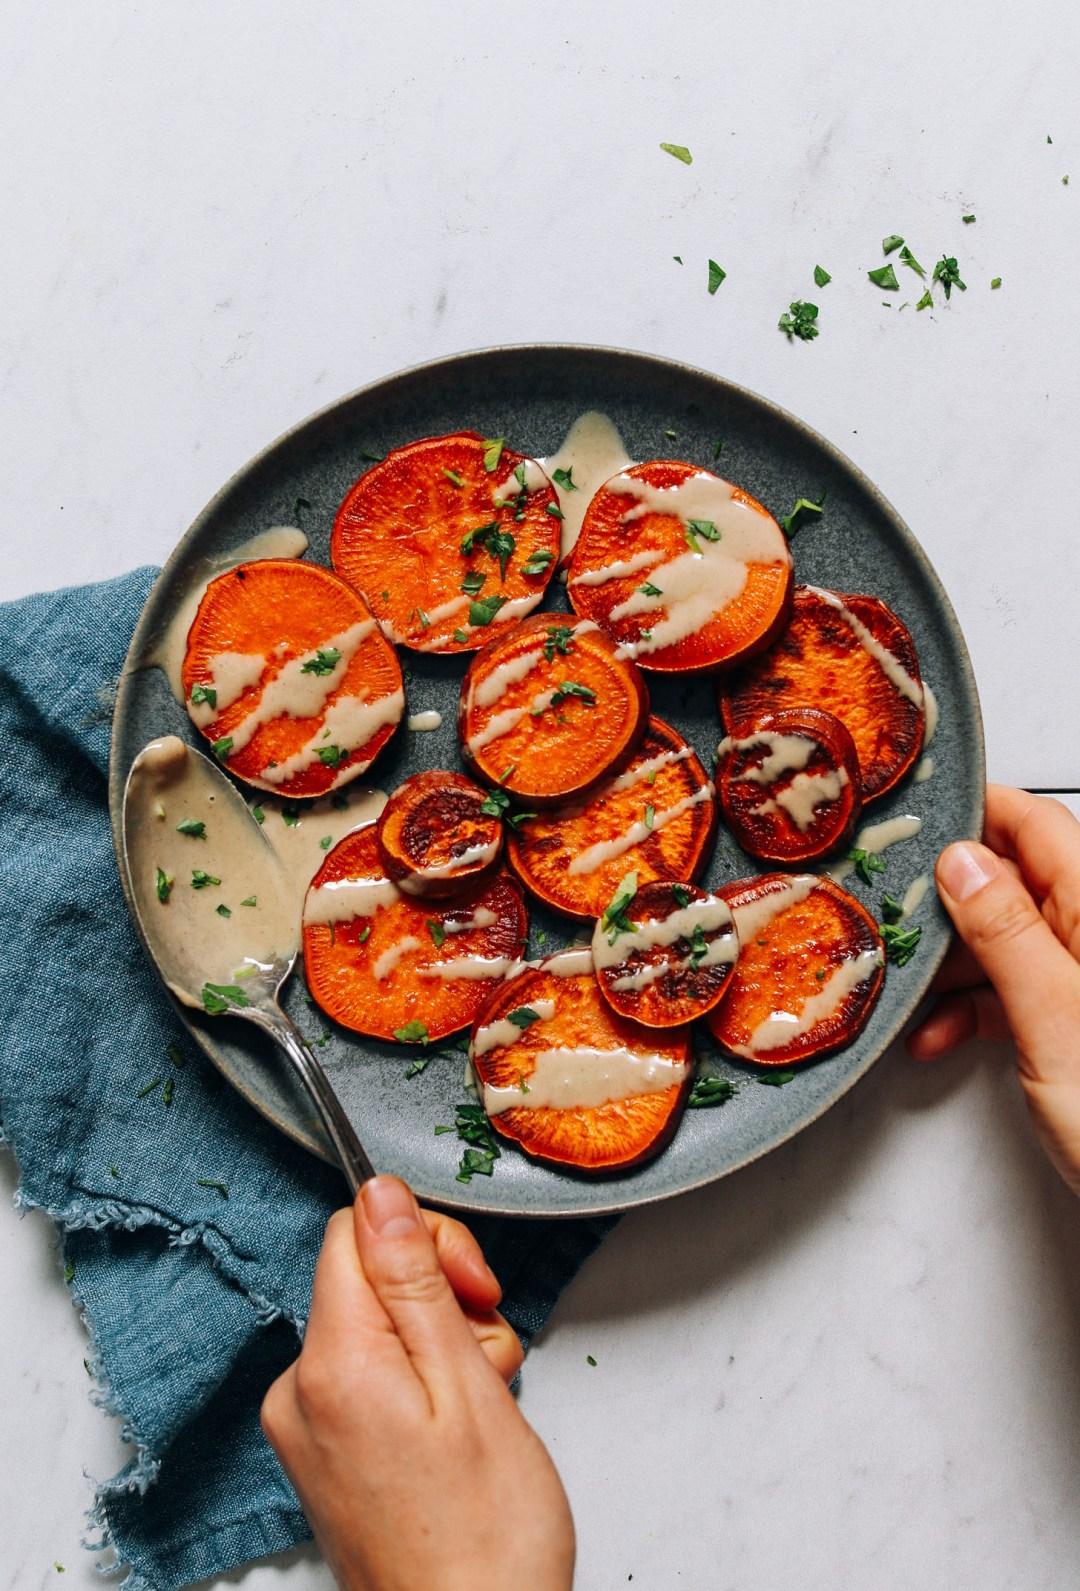 Plato de batatas en rodajas cocinadas en la estufa